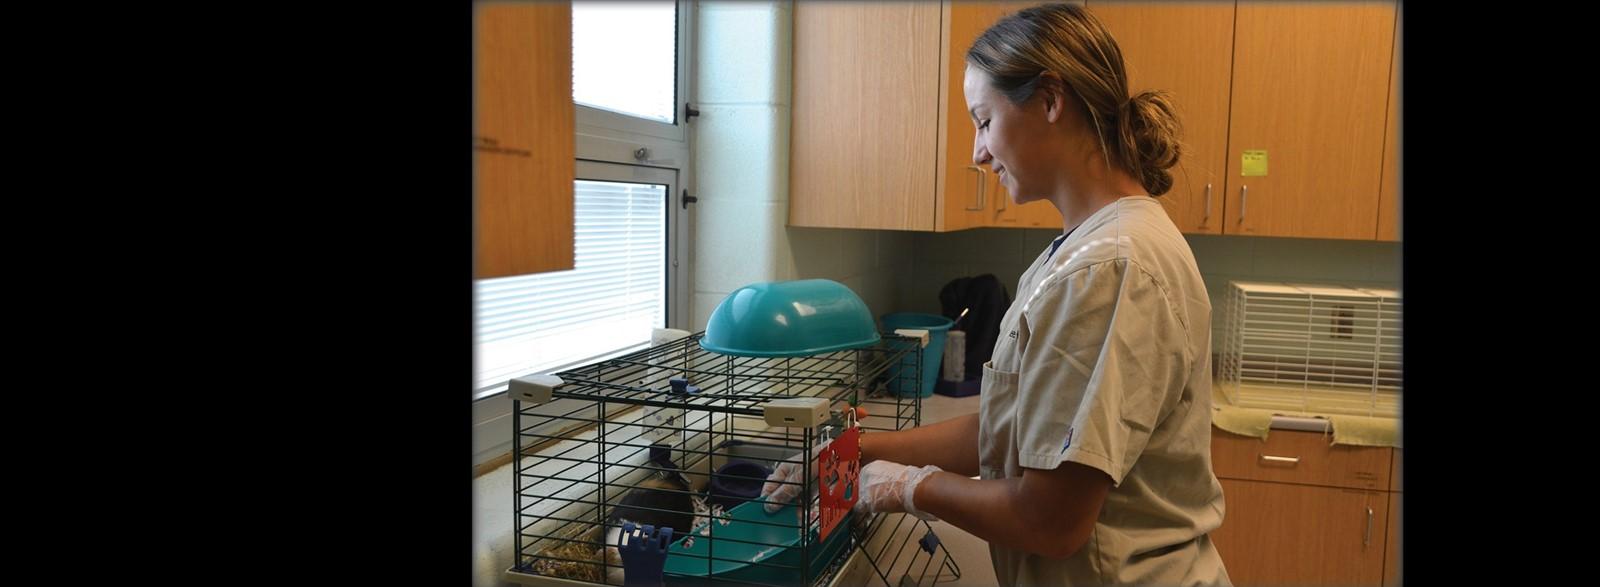 Veterinarian Assistant